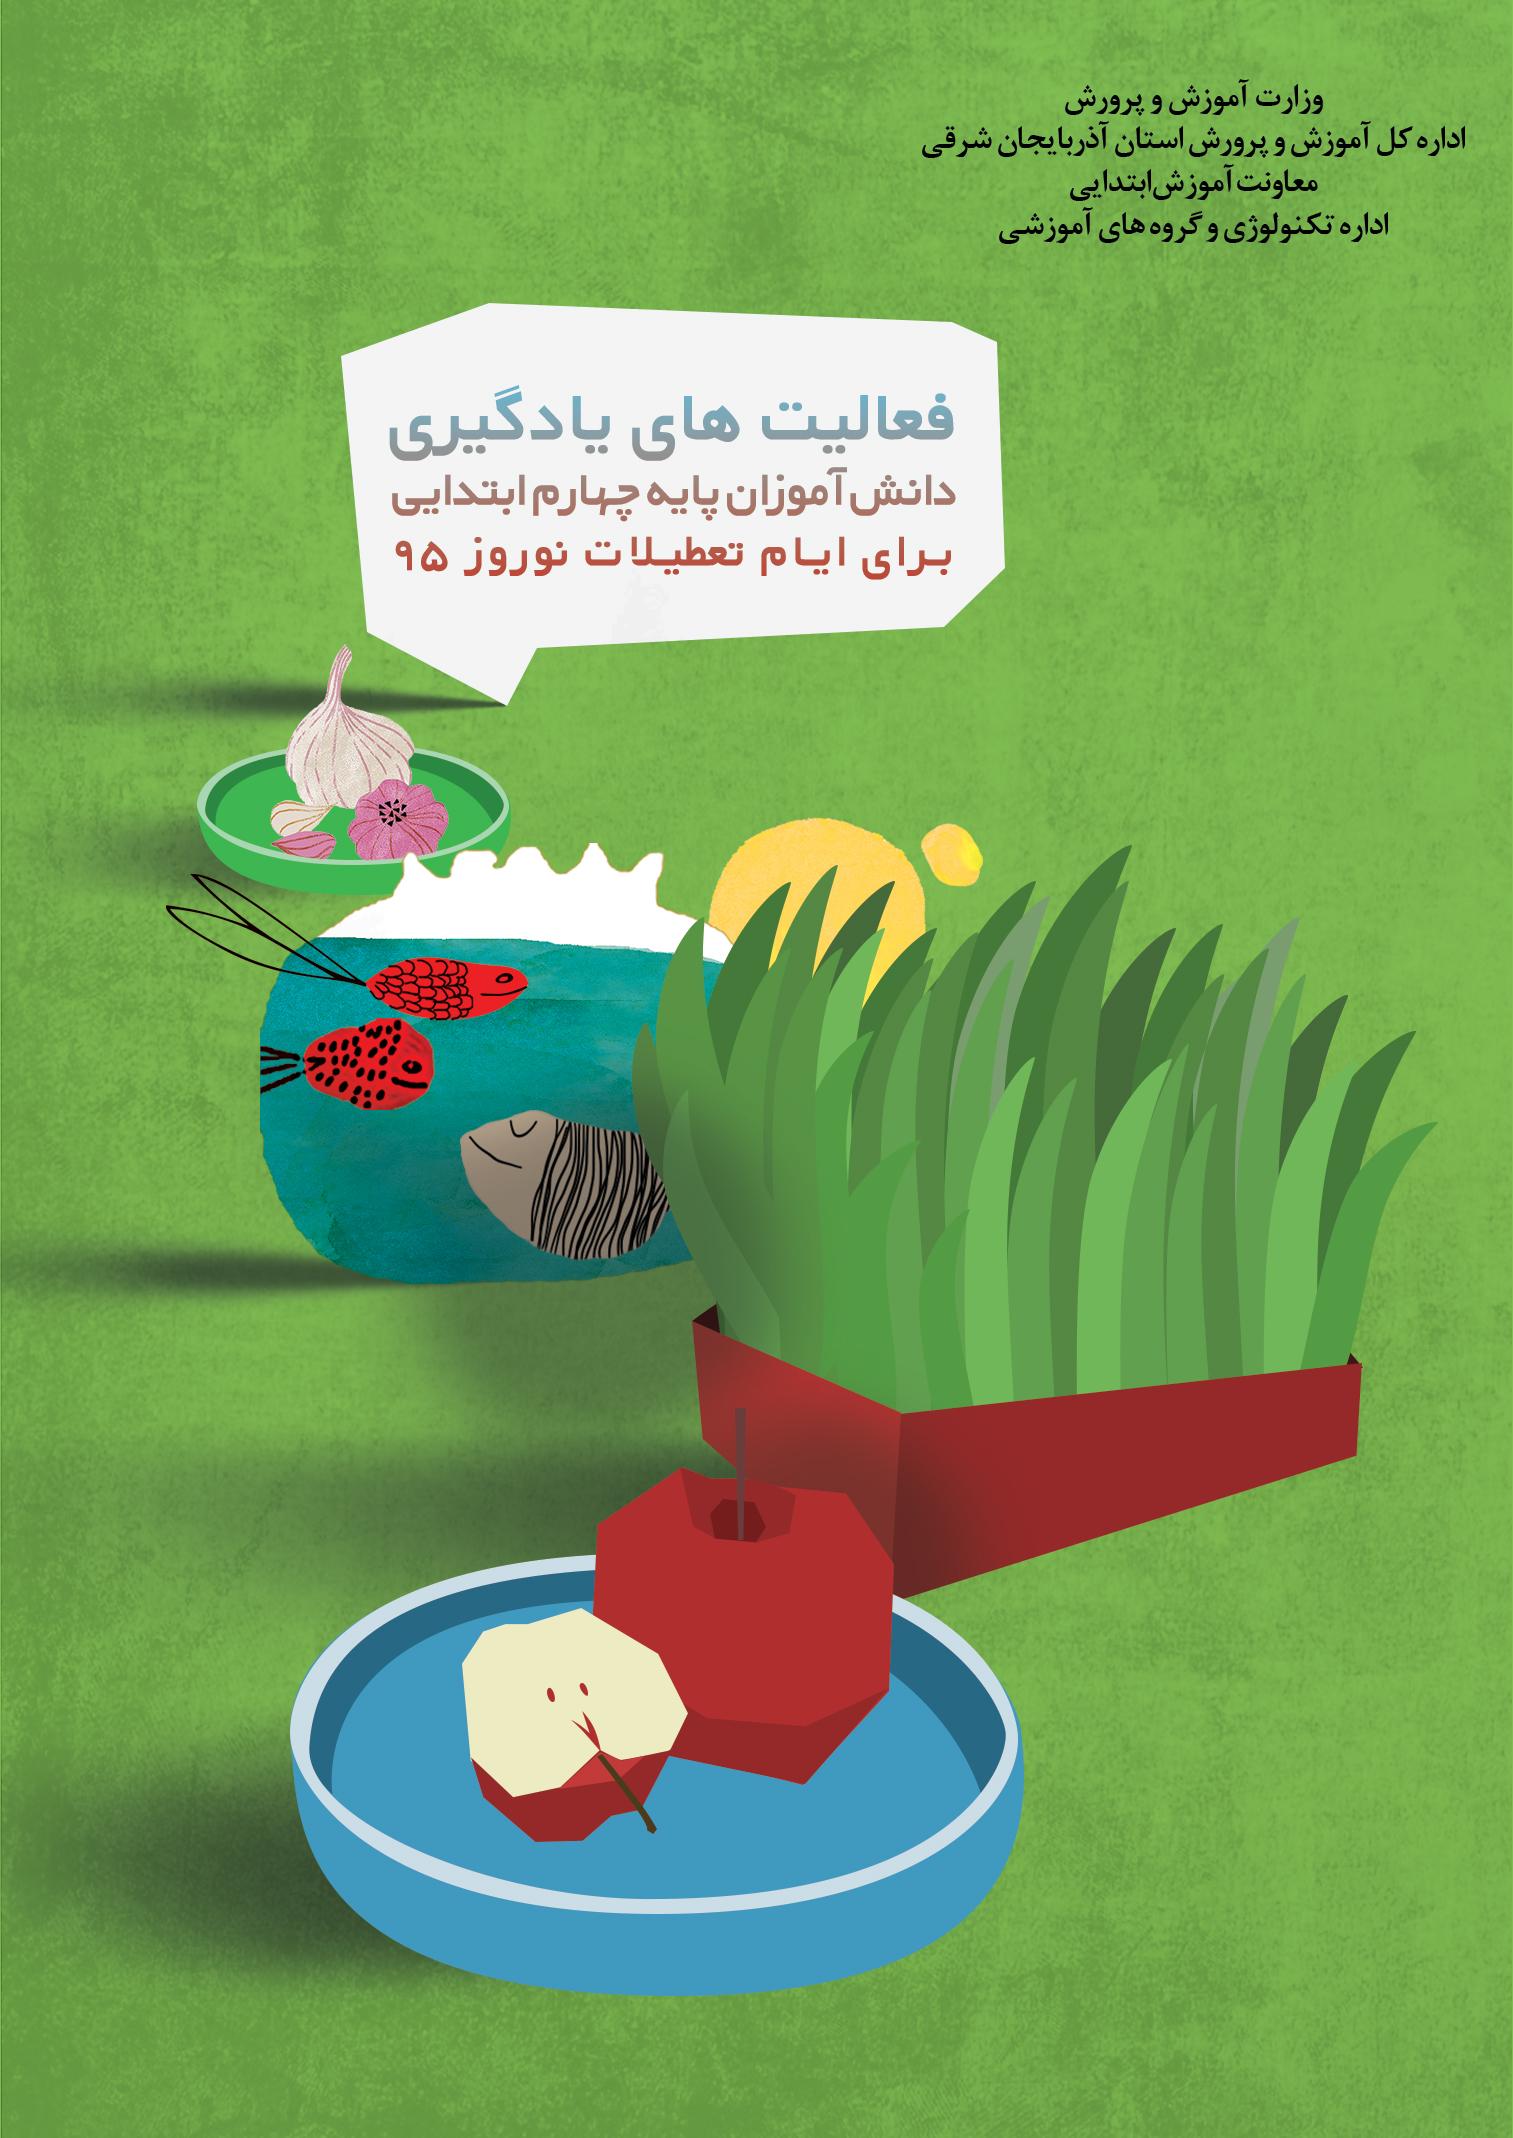 فعالیت های یادگیری دانش آموزان پایه چهارم ابتدایی برای ایام تعطیلات نوروز ۱۳۹۵